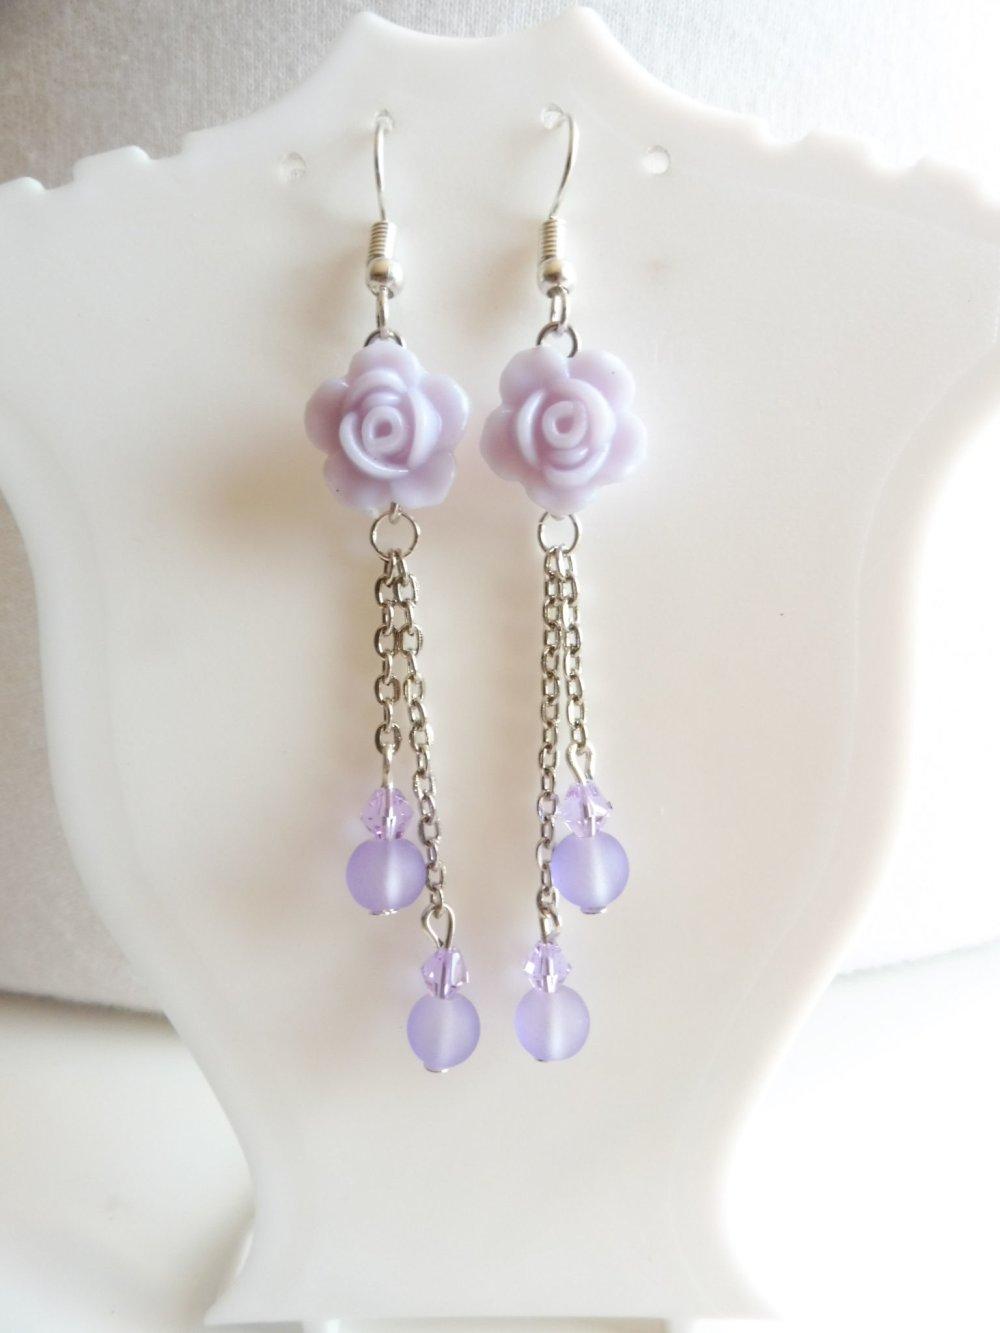 VENDU Boucles d'oreilles parme avec des roses, bijoux violet